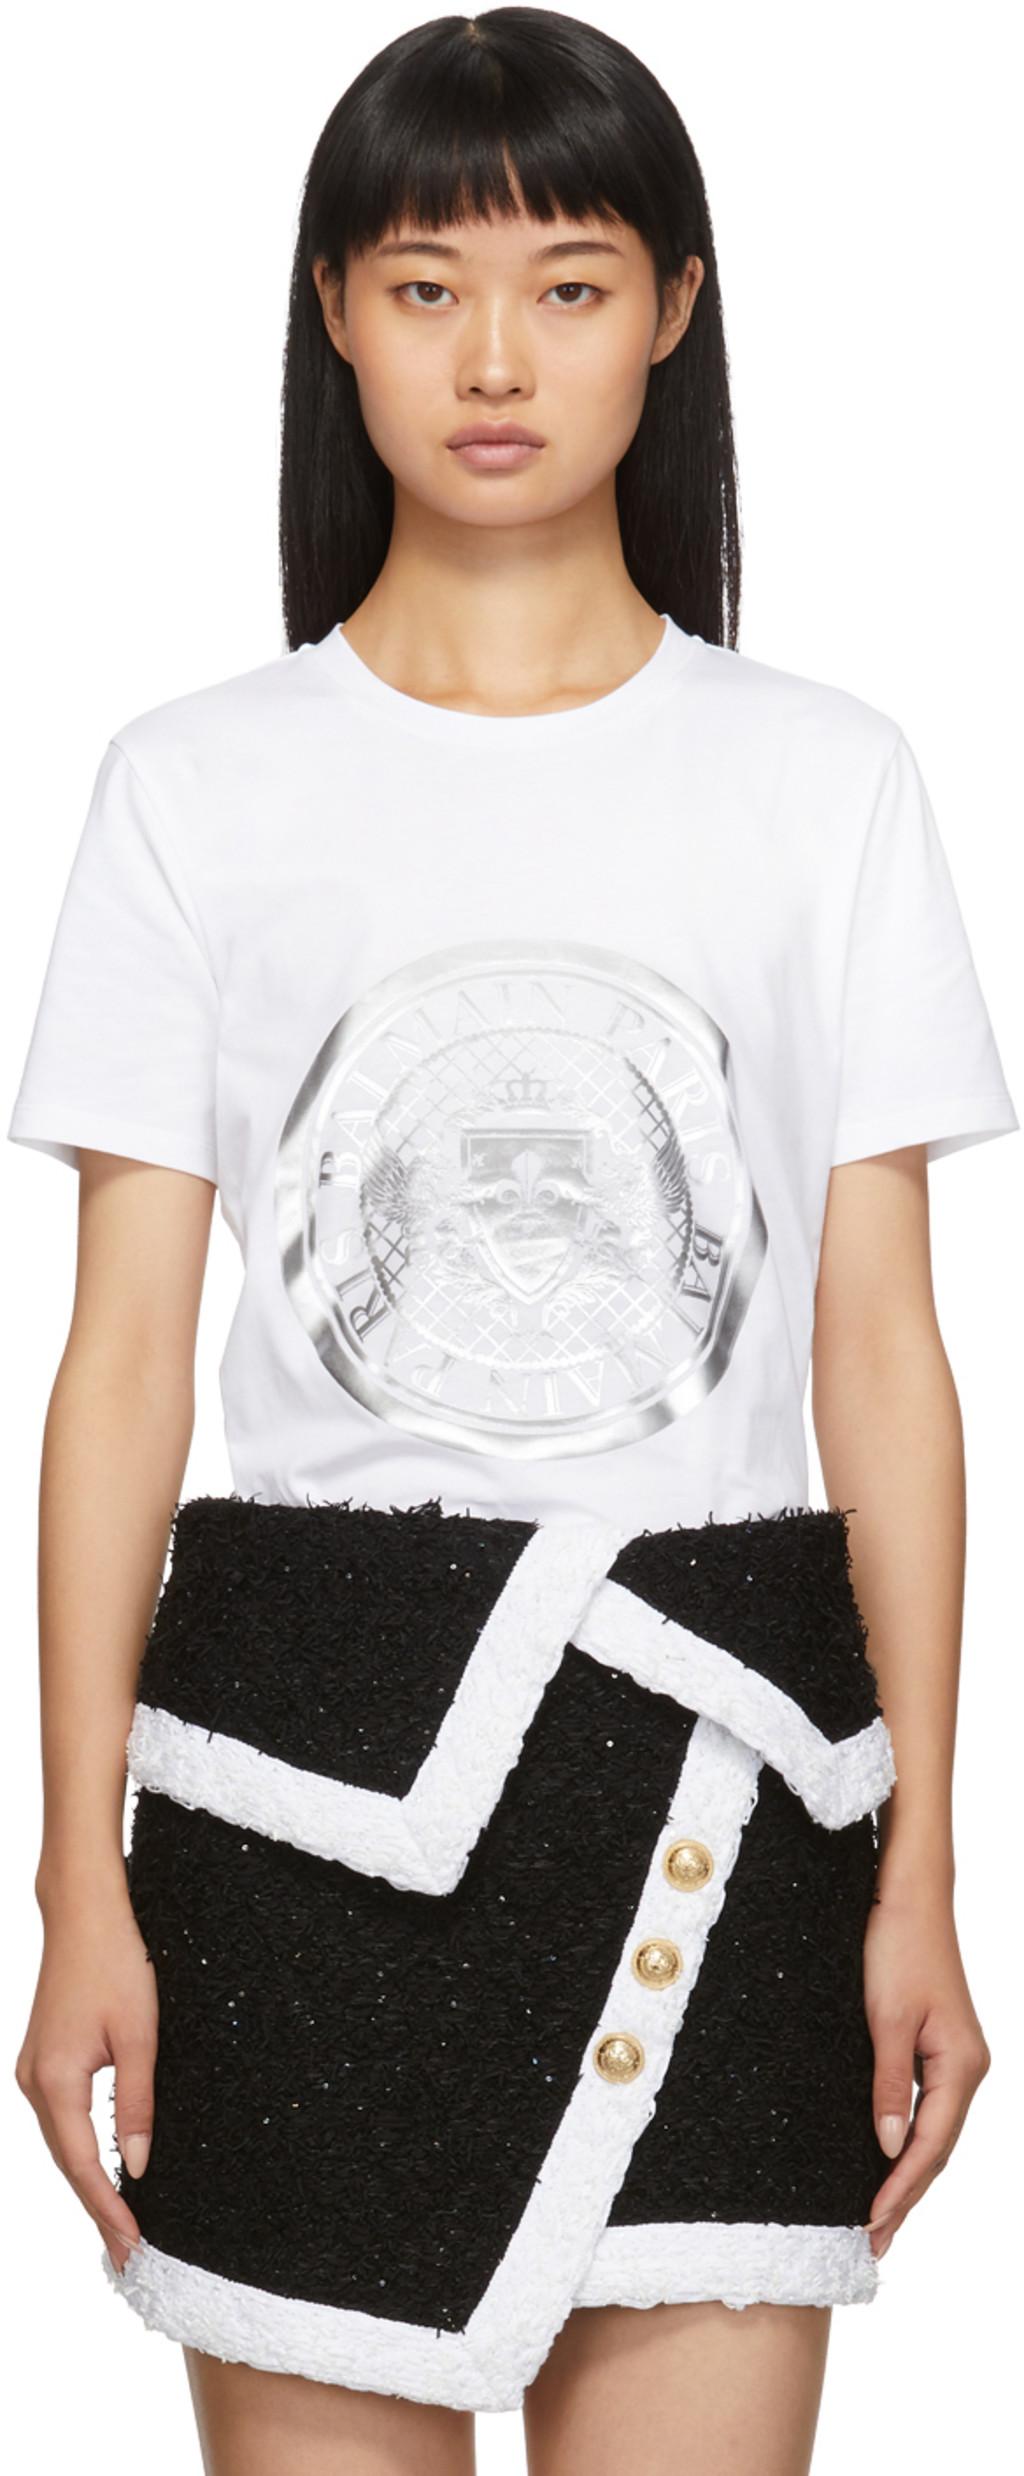 75fe6e5b3 White Coin T-Shirt